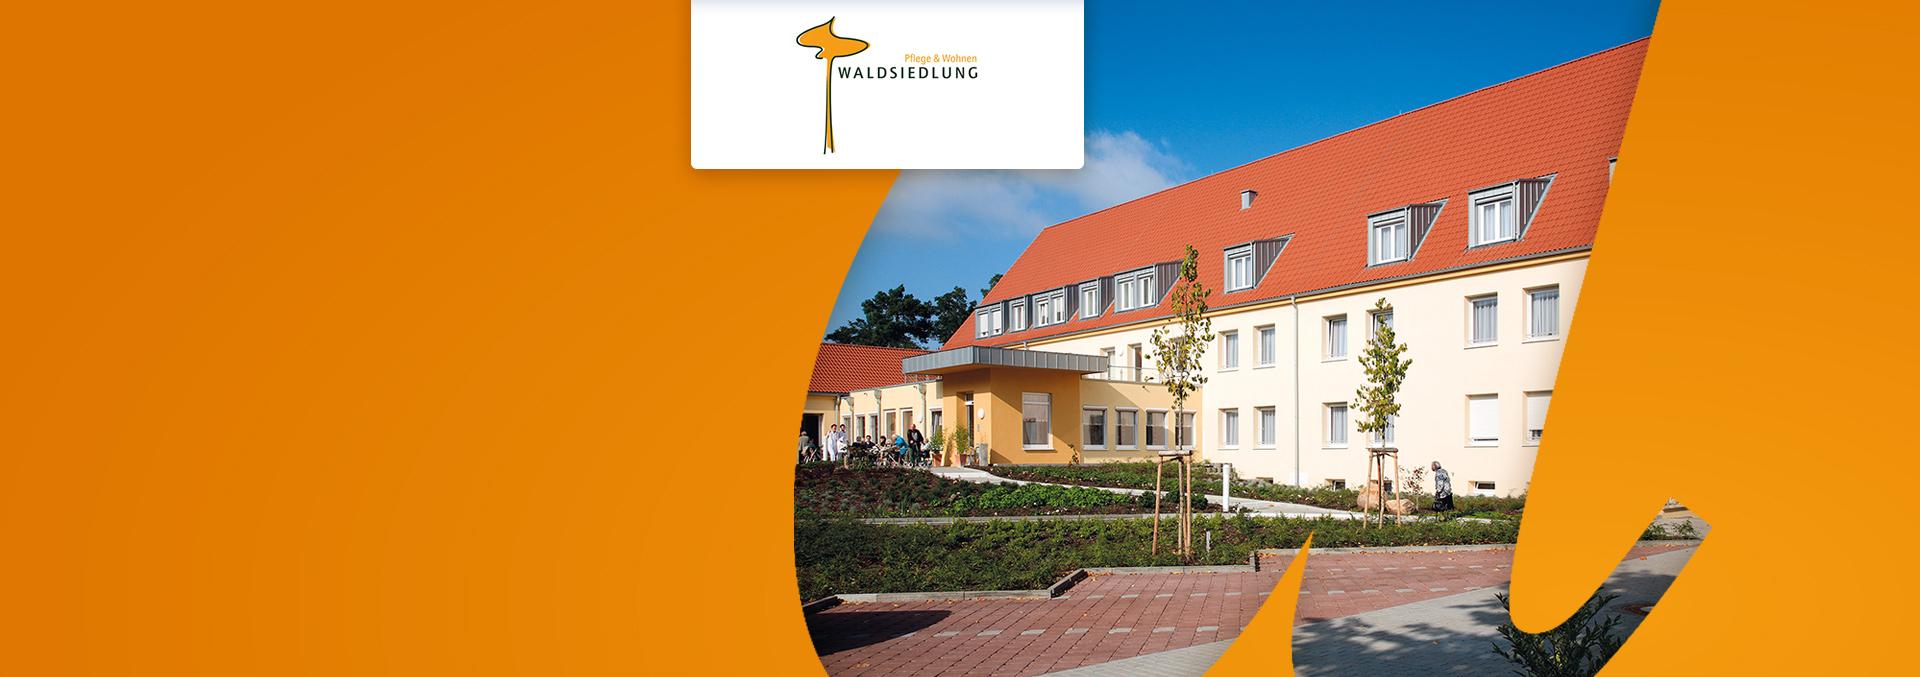 Pflege und Wohnen in der WALDSIEDLUNG: Eingangsbereich mit Terrasse und Grünanlage